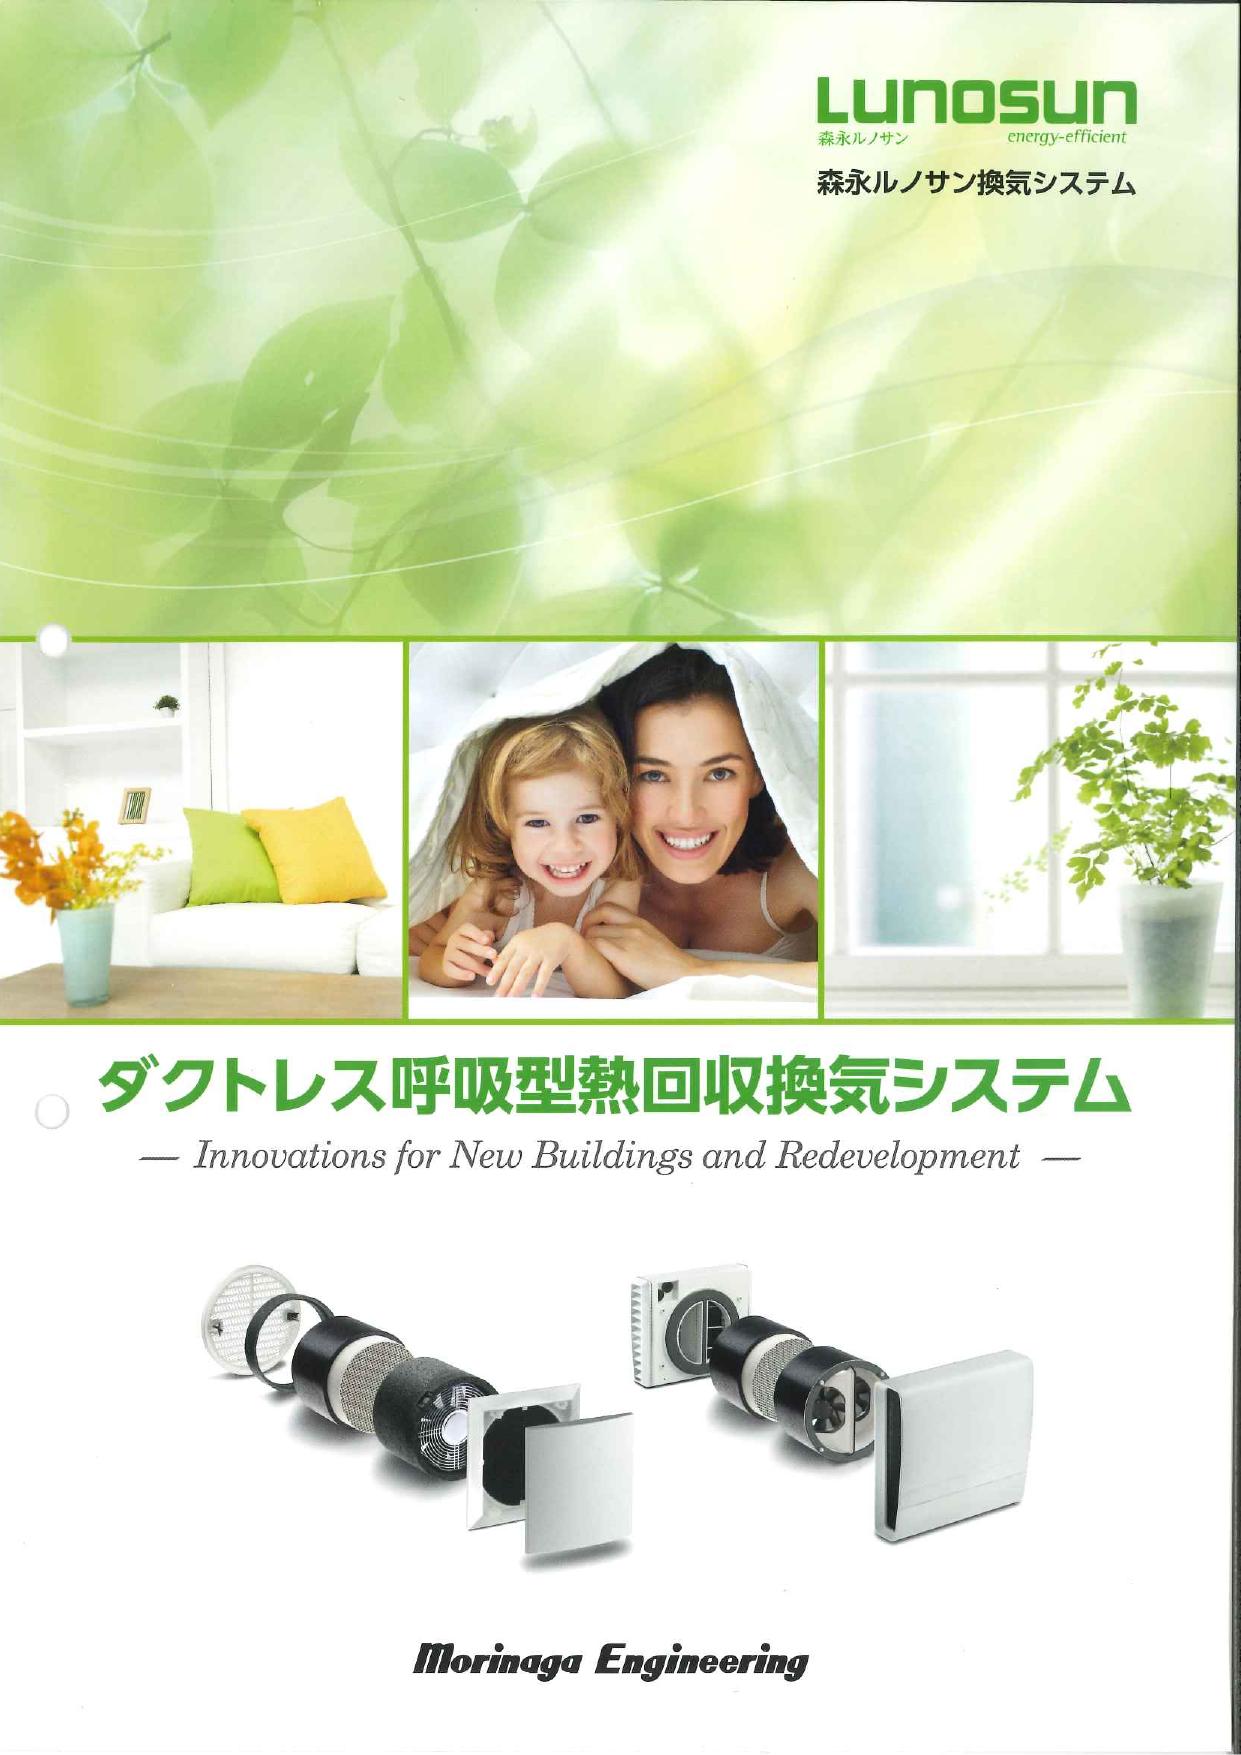 森永ルノサン換気システム ダクトレス呼吸型熱回収換気システム